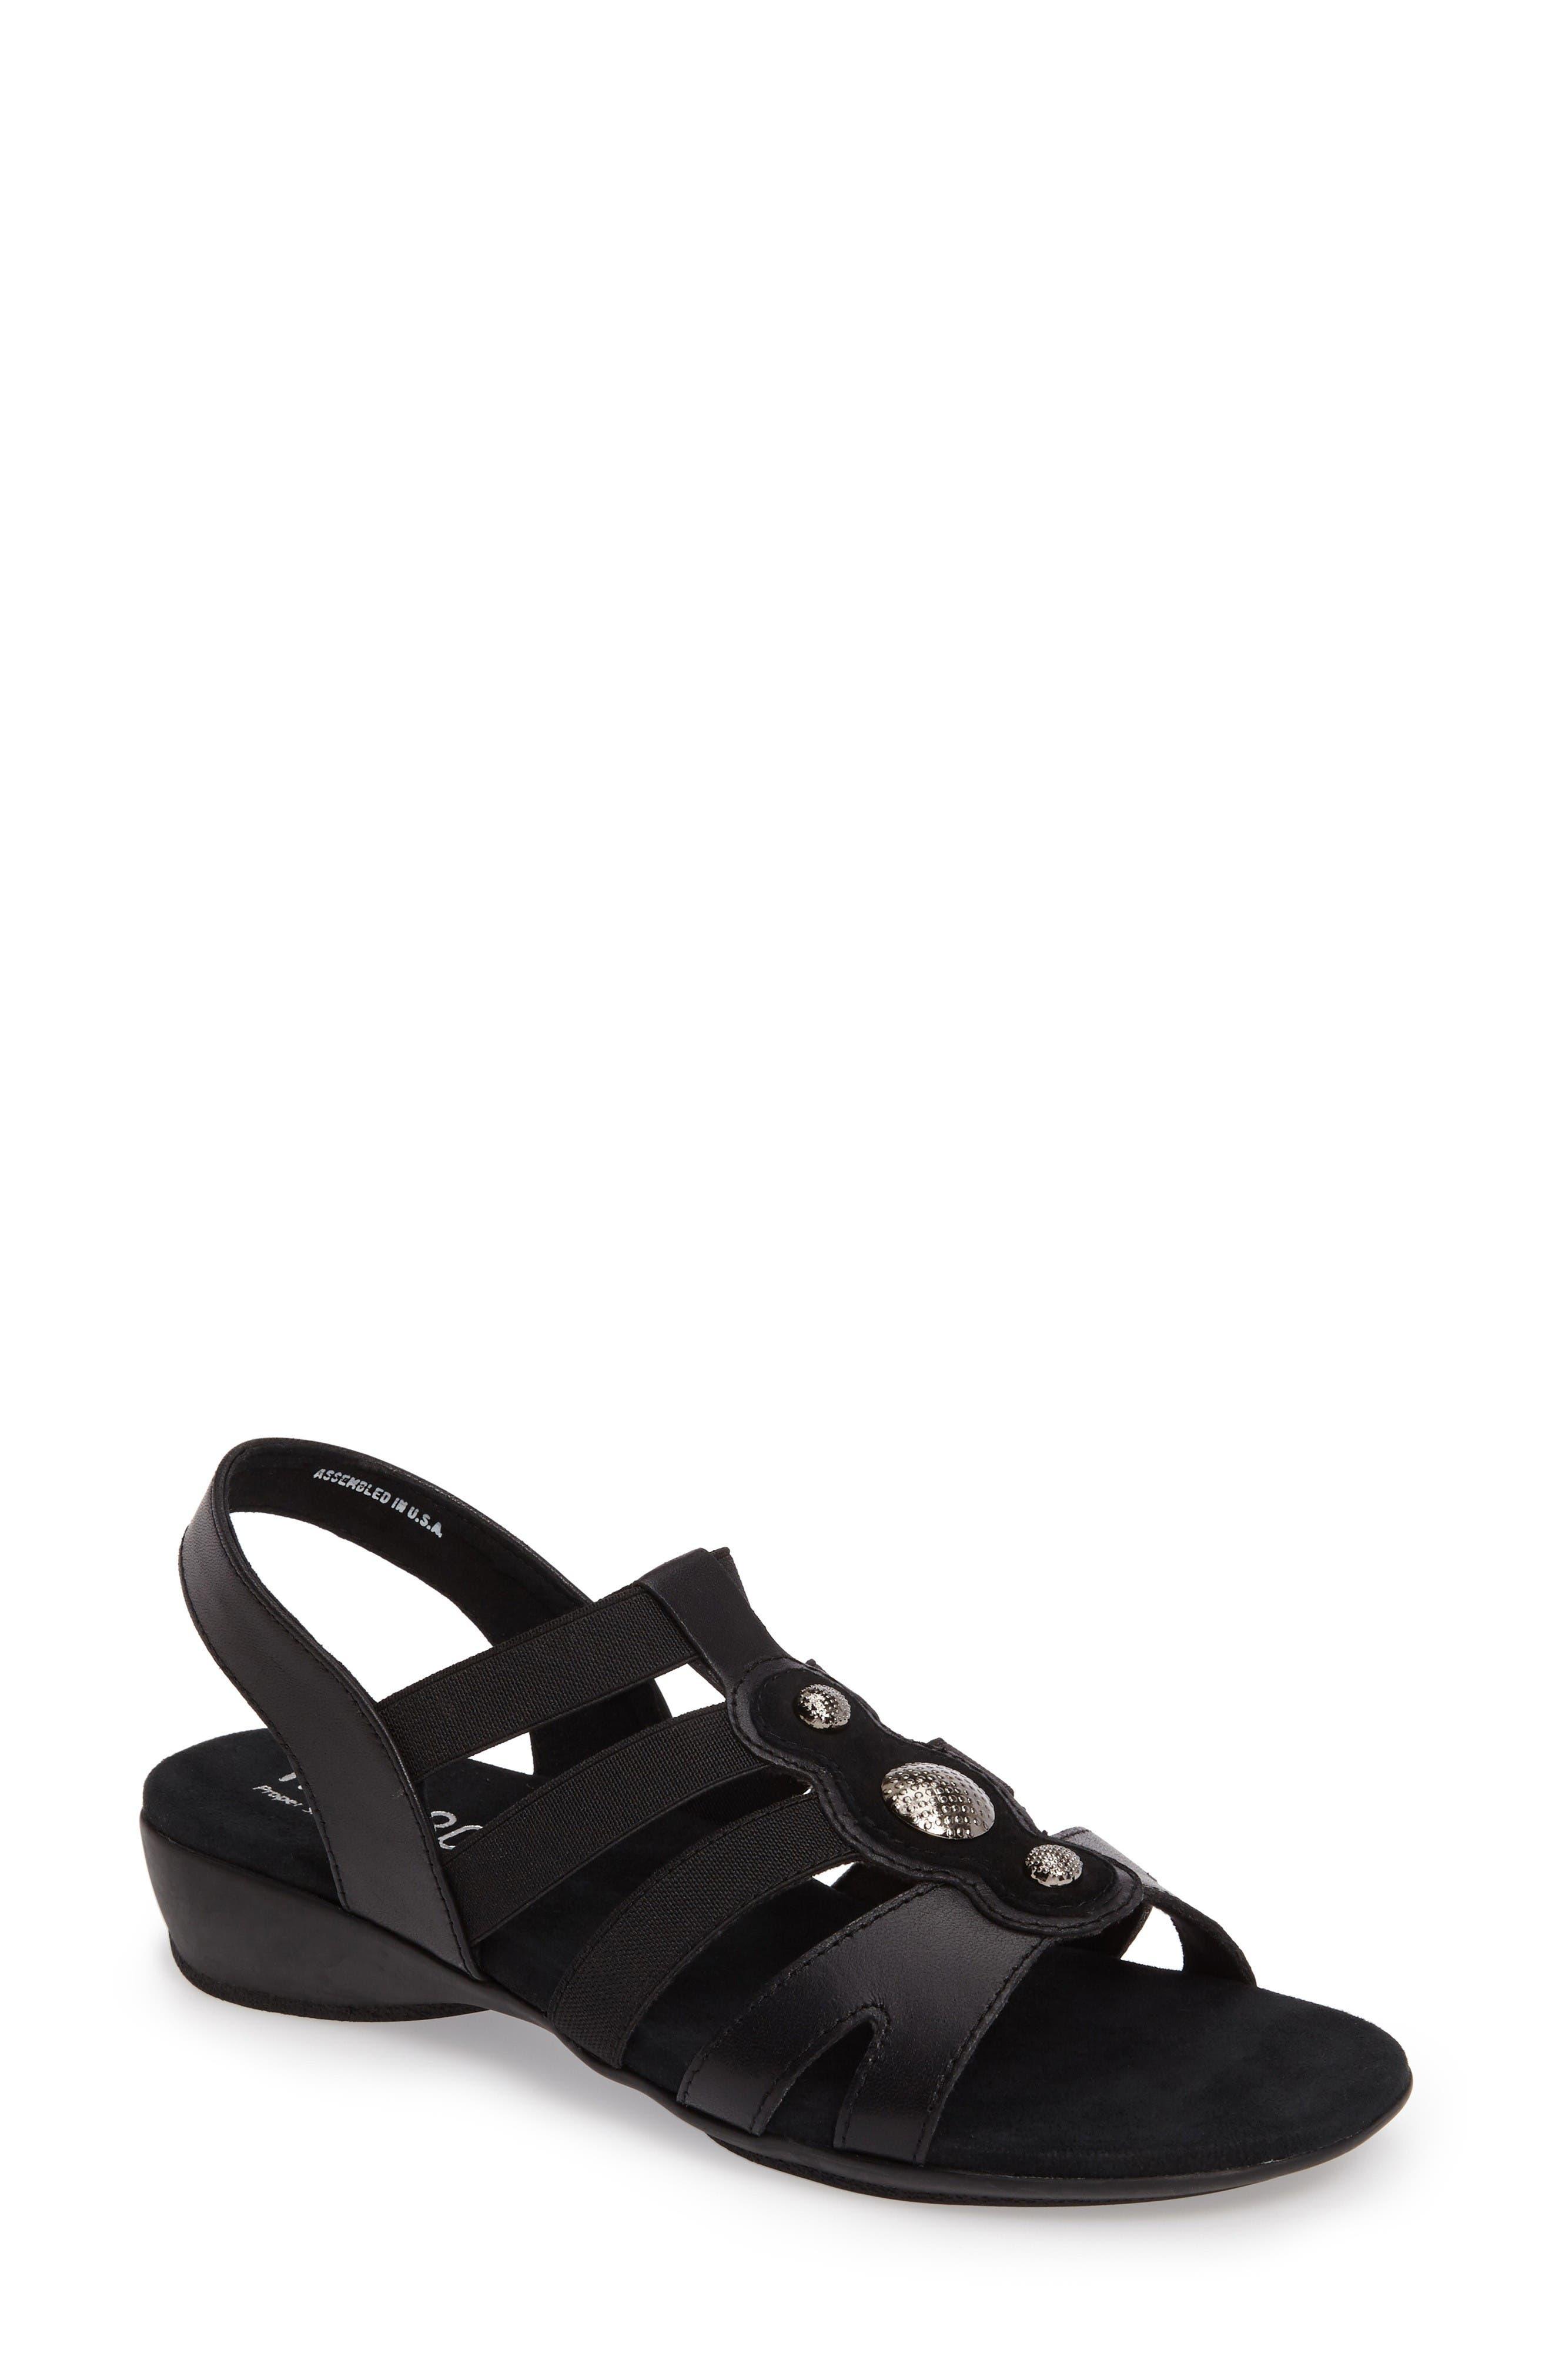 Destiny Sandal,                         Main,                         color, Black Leather